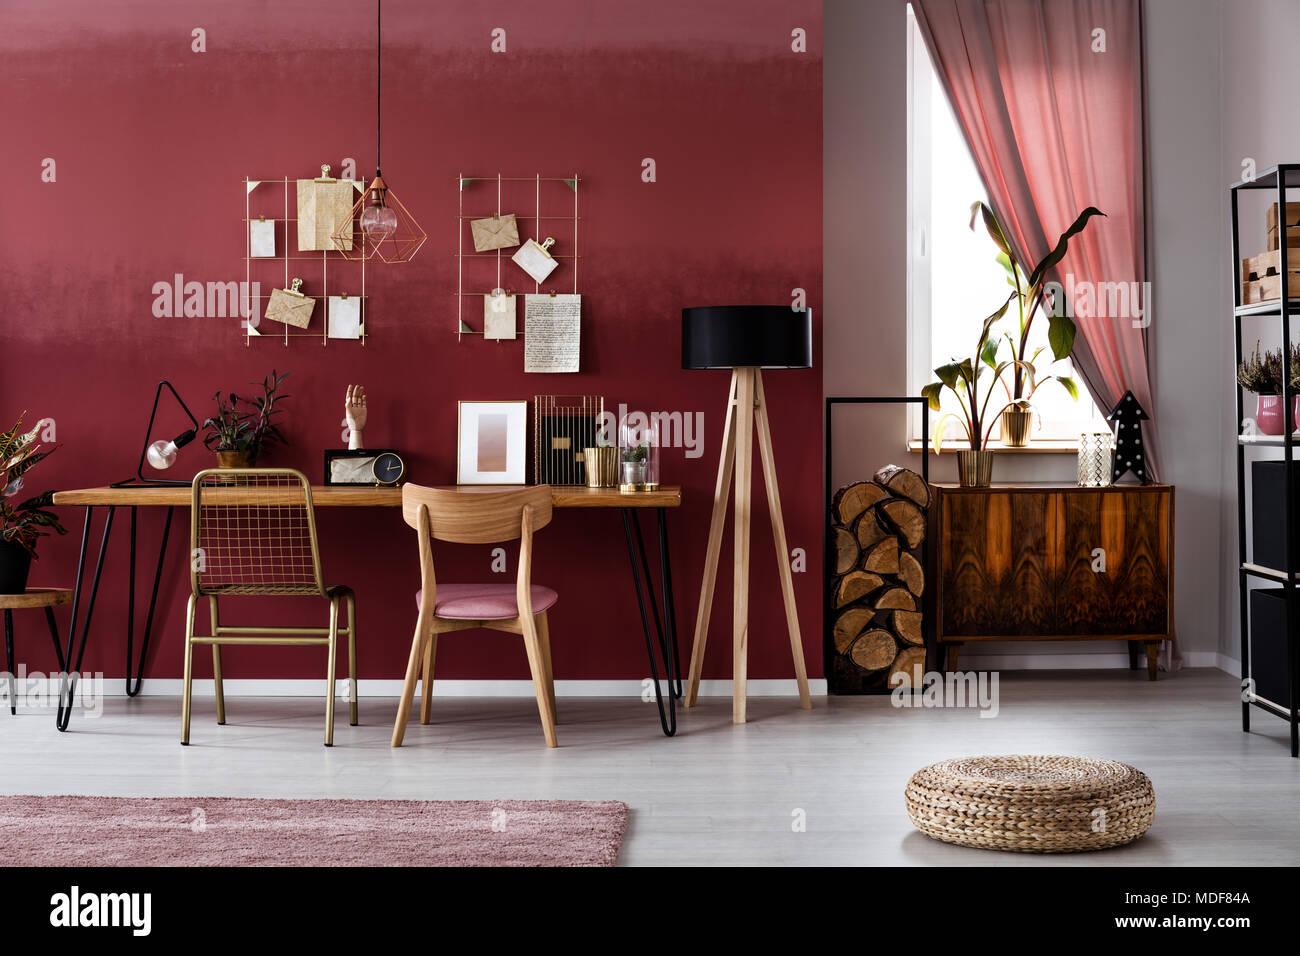 Plante sur armoire en bois contre une fenêtre en rouge foncé de l'intérieur de l'espace de travail avec fauteuil et pouf à une table Photo Stock